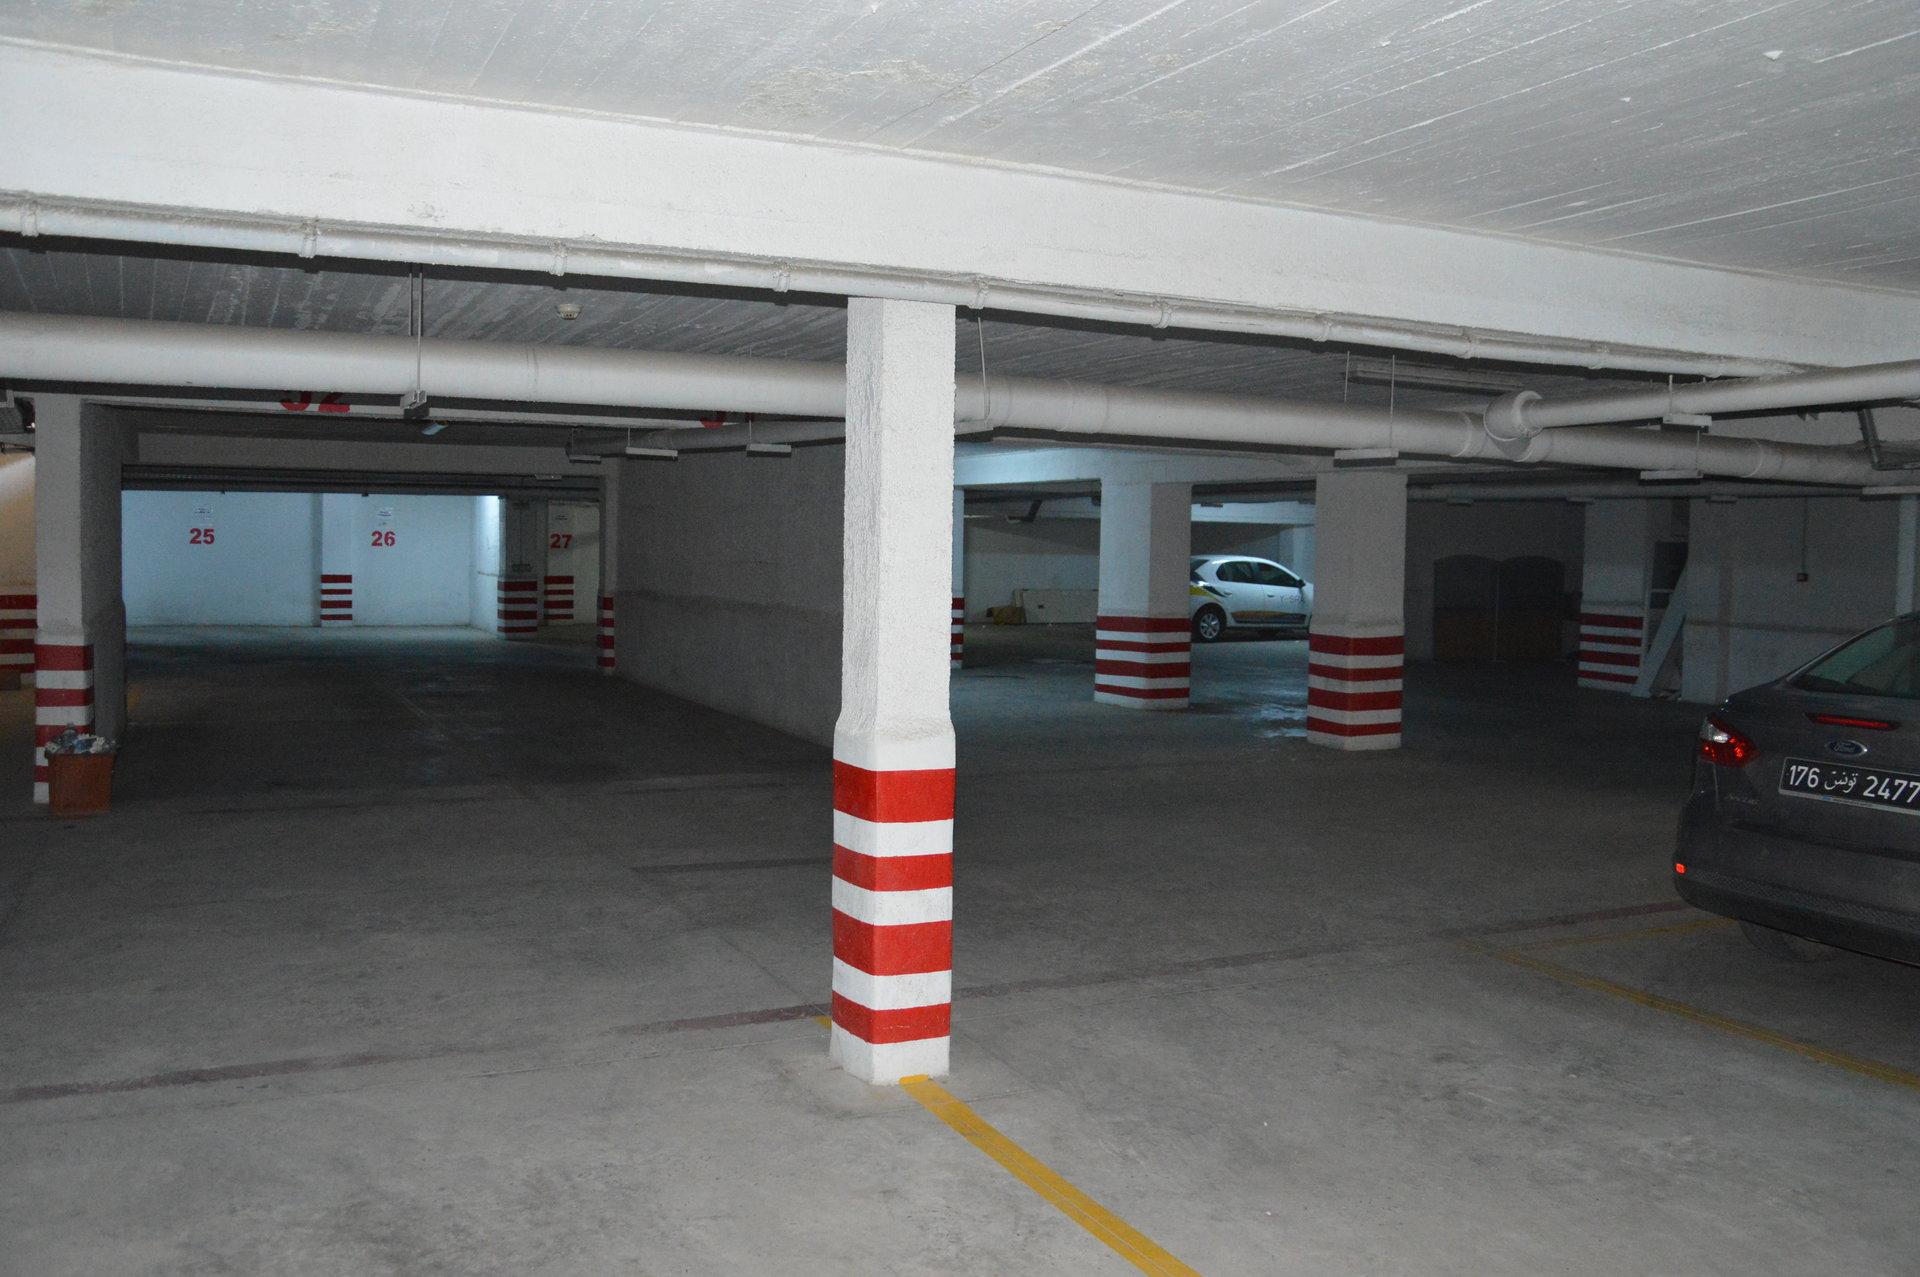 Des places parking disponibles au sous sol